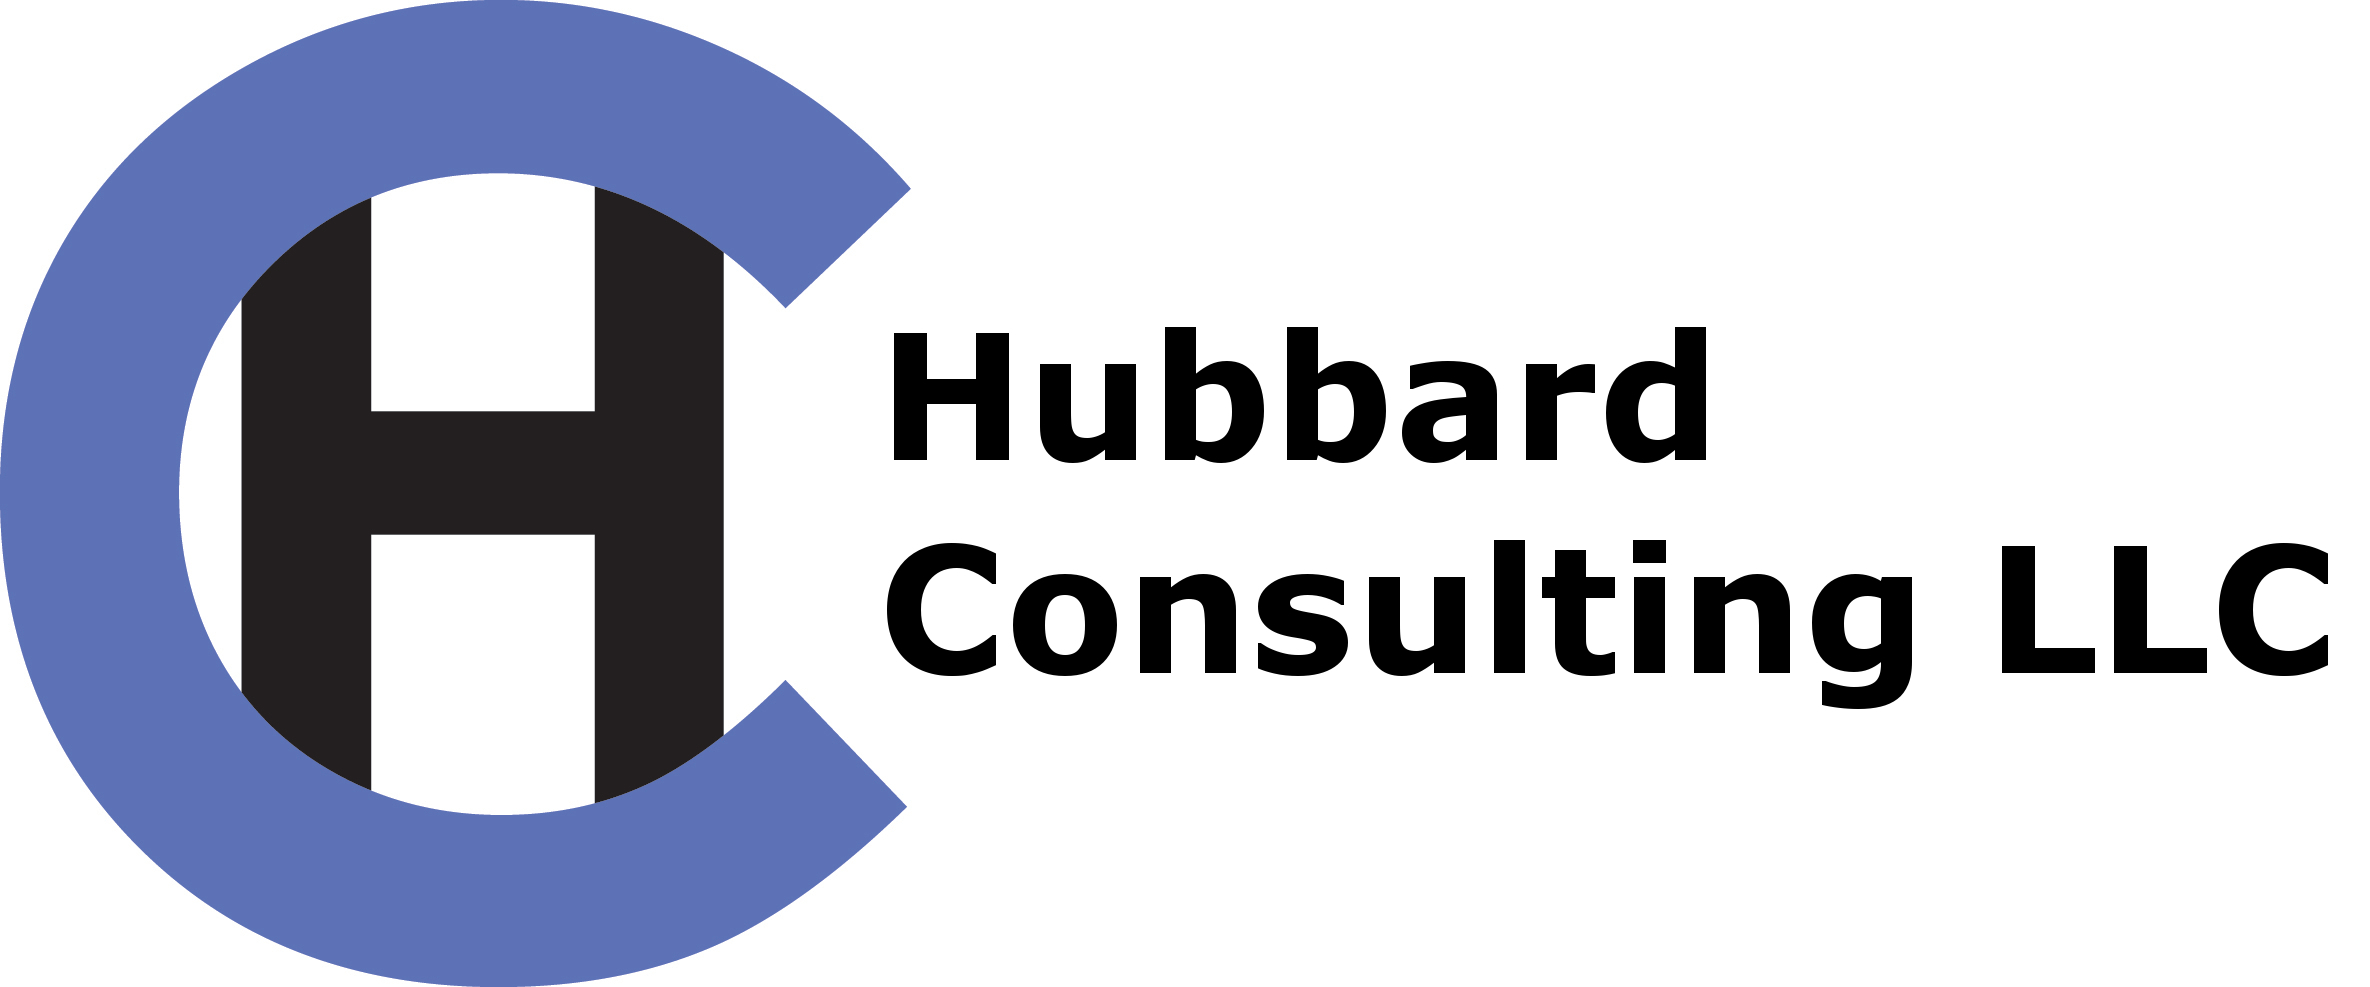 Hubbard Consulting LLC